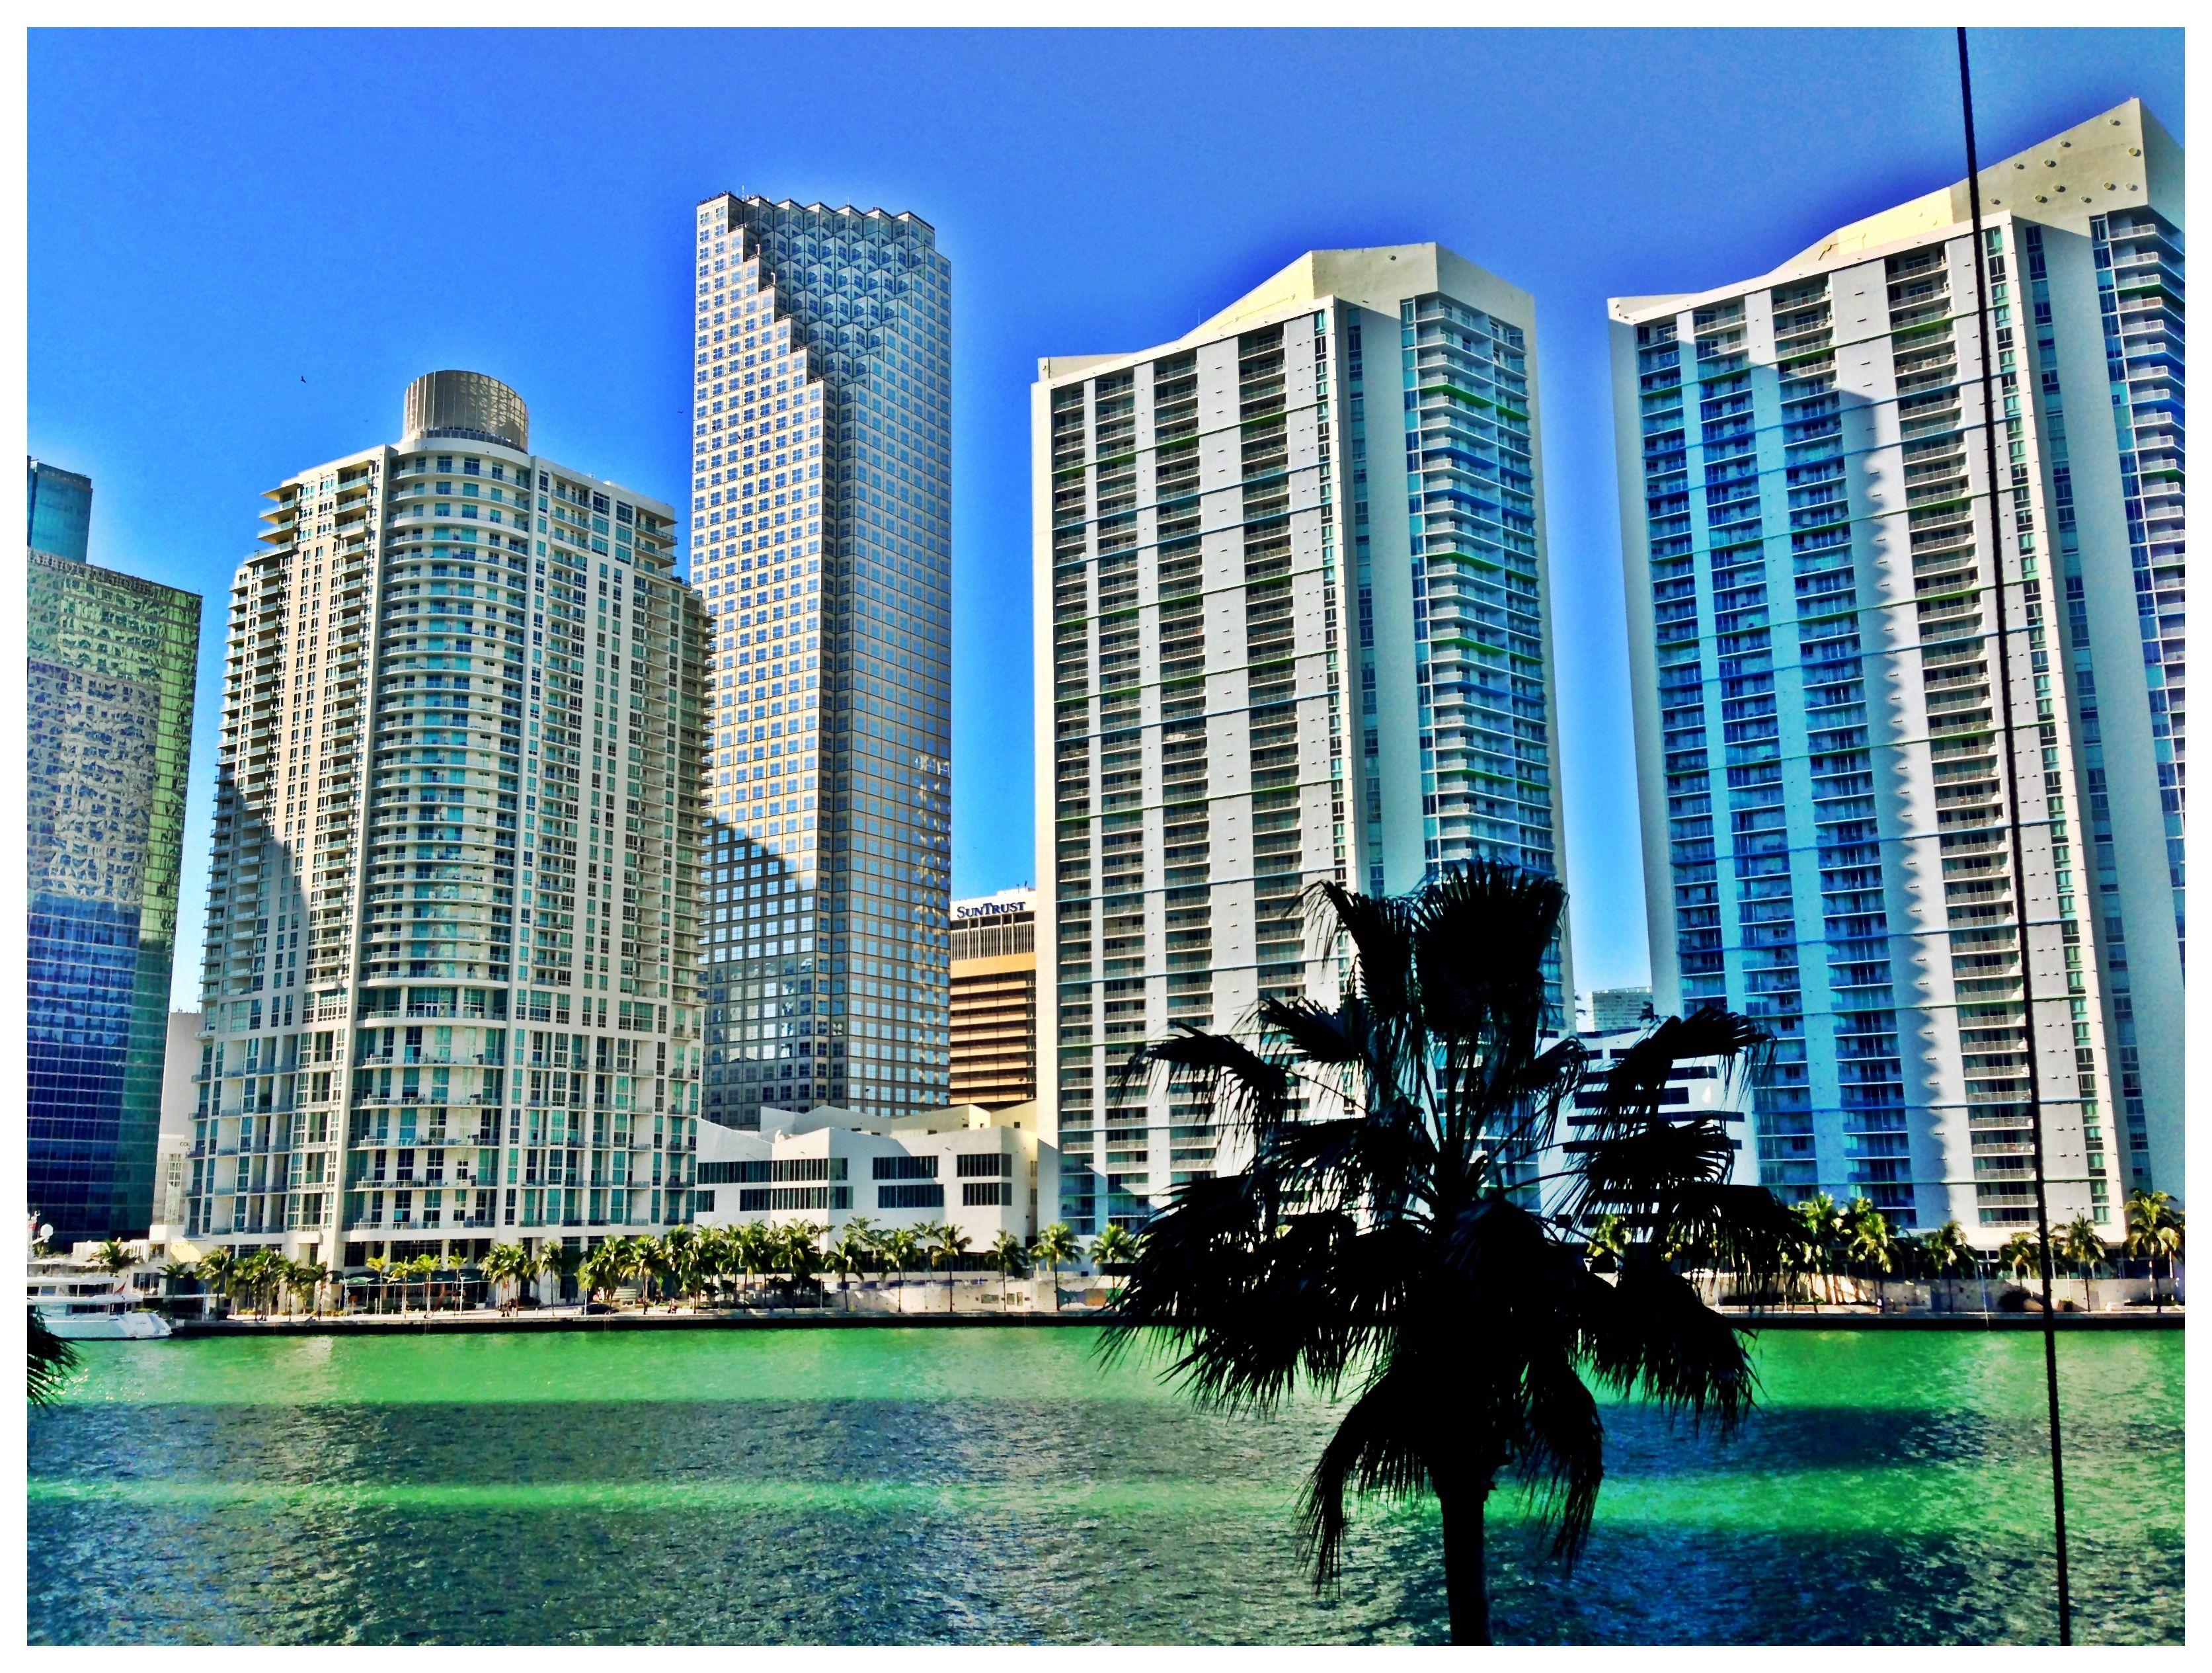 Downtown Miami. | Downtown miami, Miami travel, Miami florida